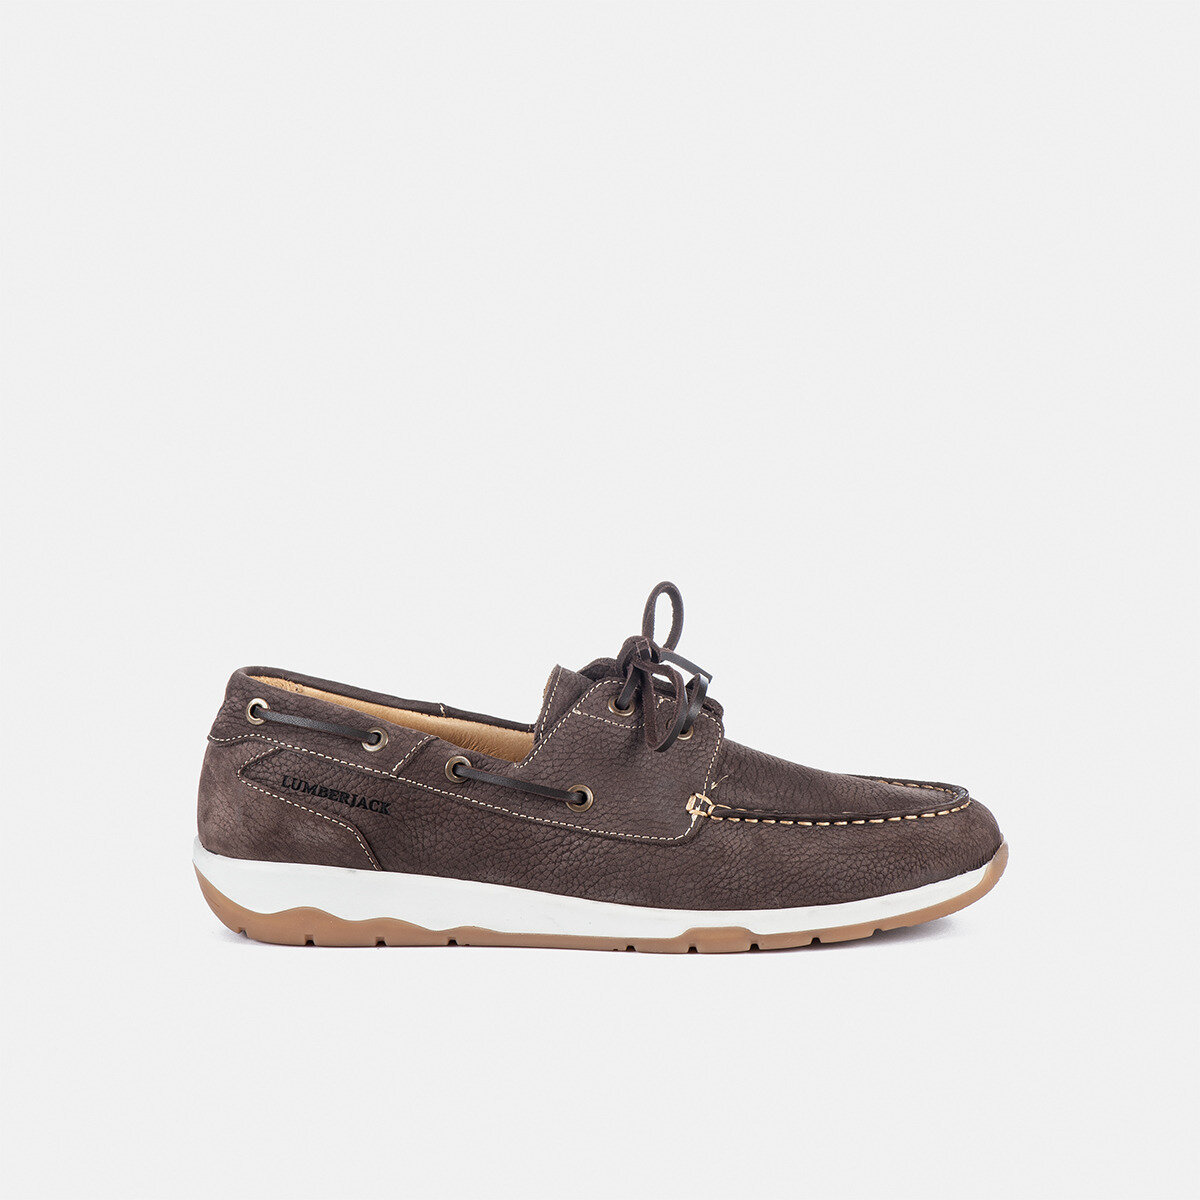 WORRICK DK BROWN Man Boat shoes